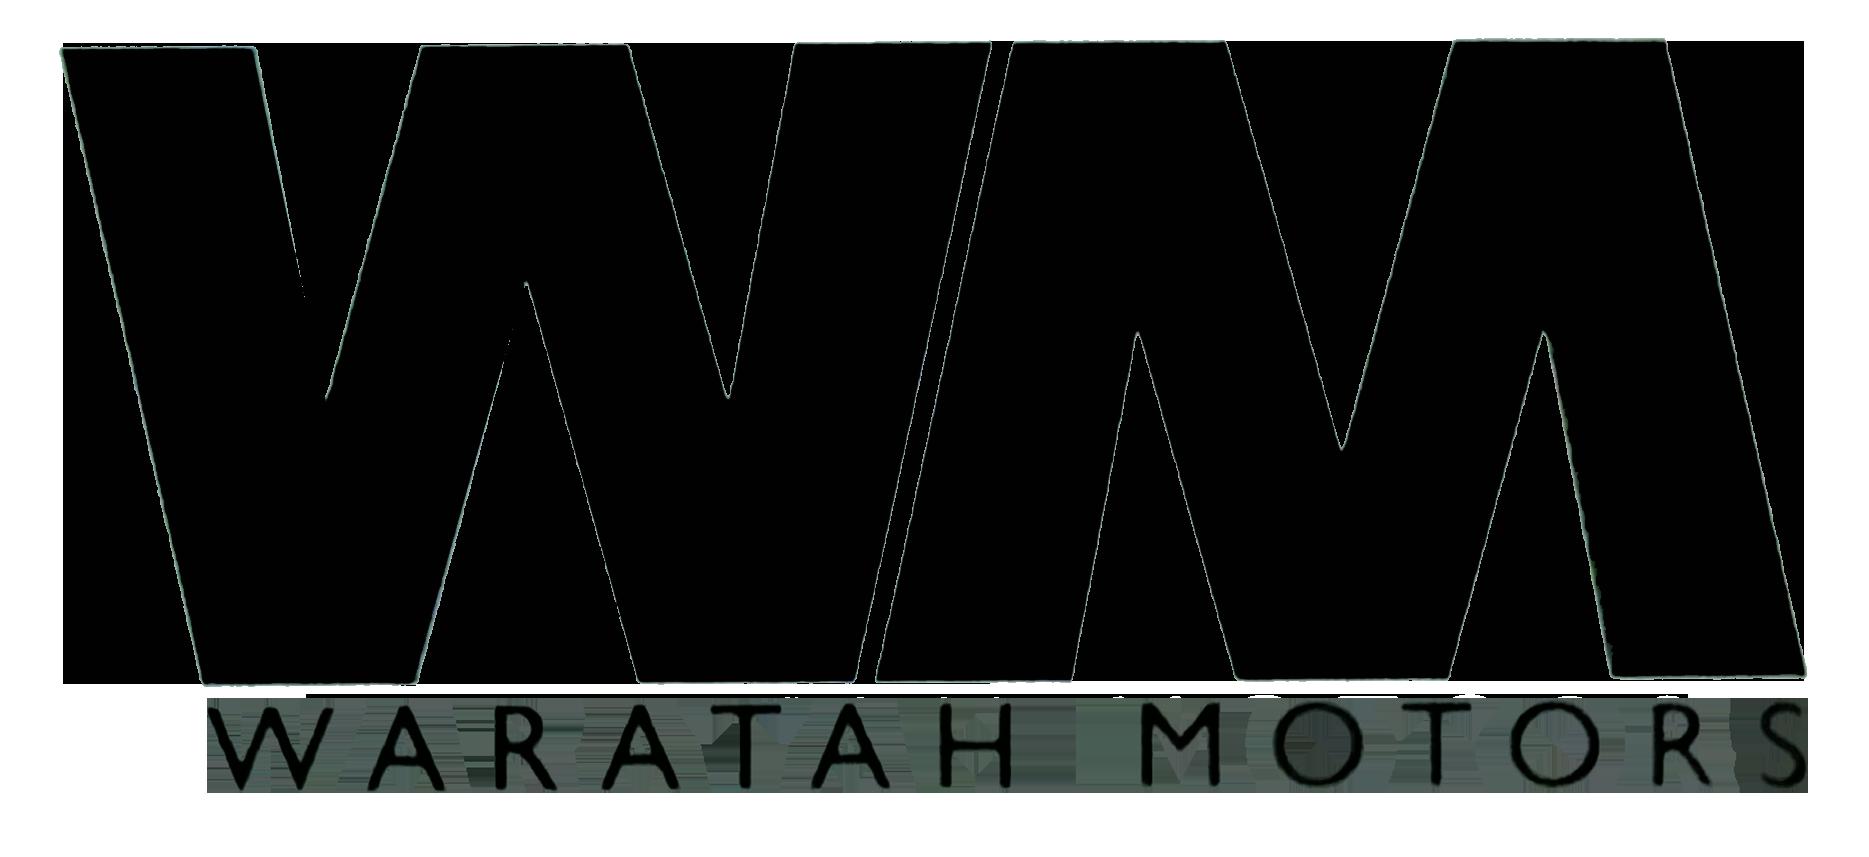 Waratah Motors